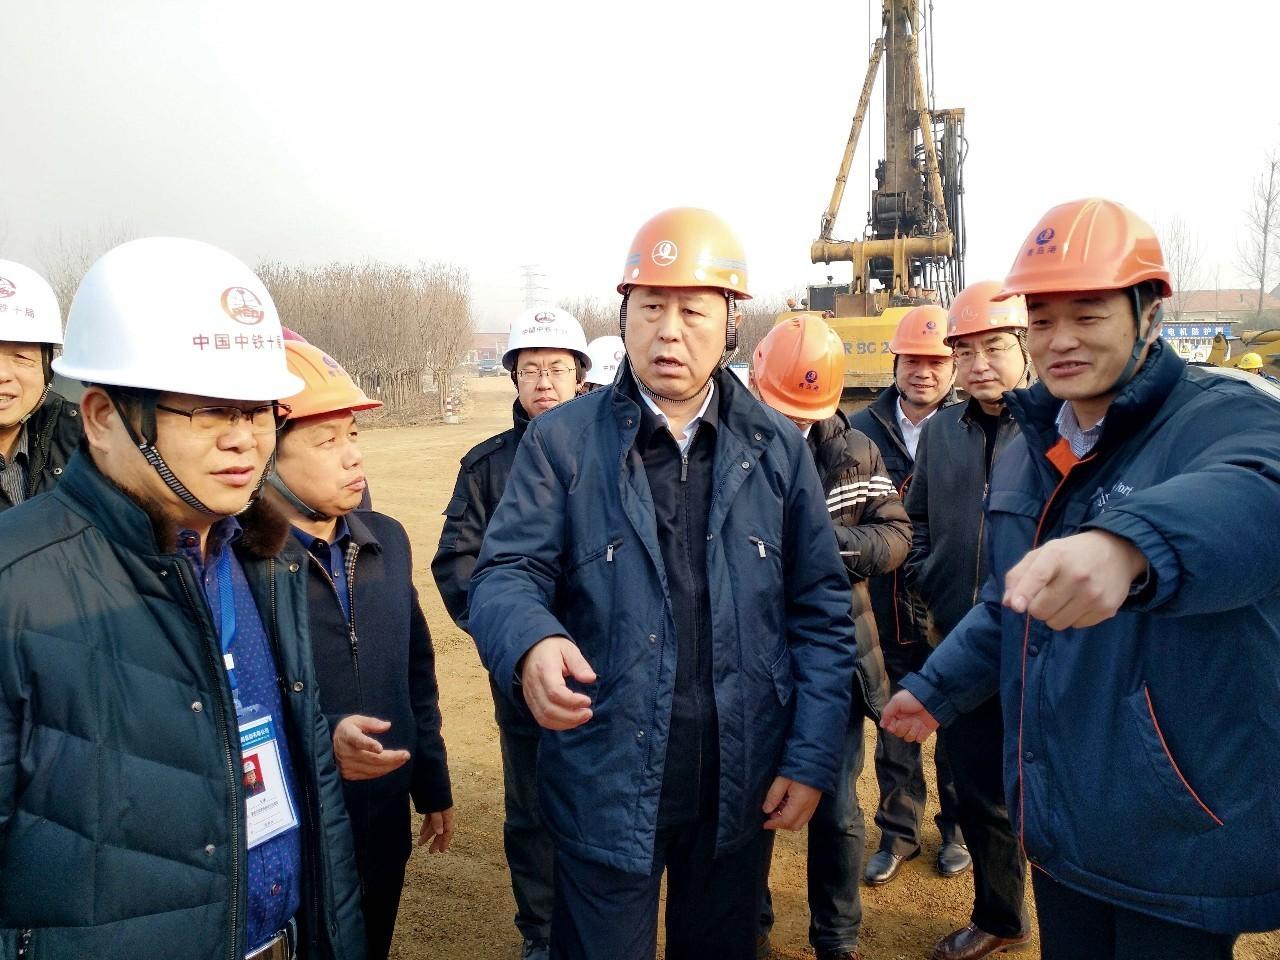 青岛港集团董事长郑明辉到董家口港疏港铁路项目检查工作